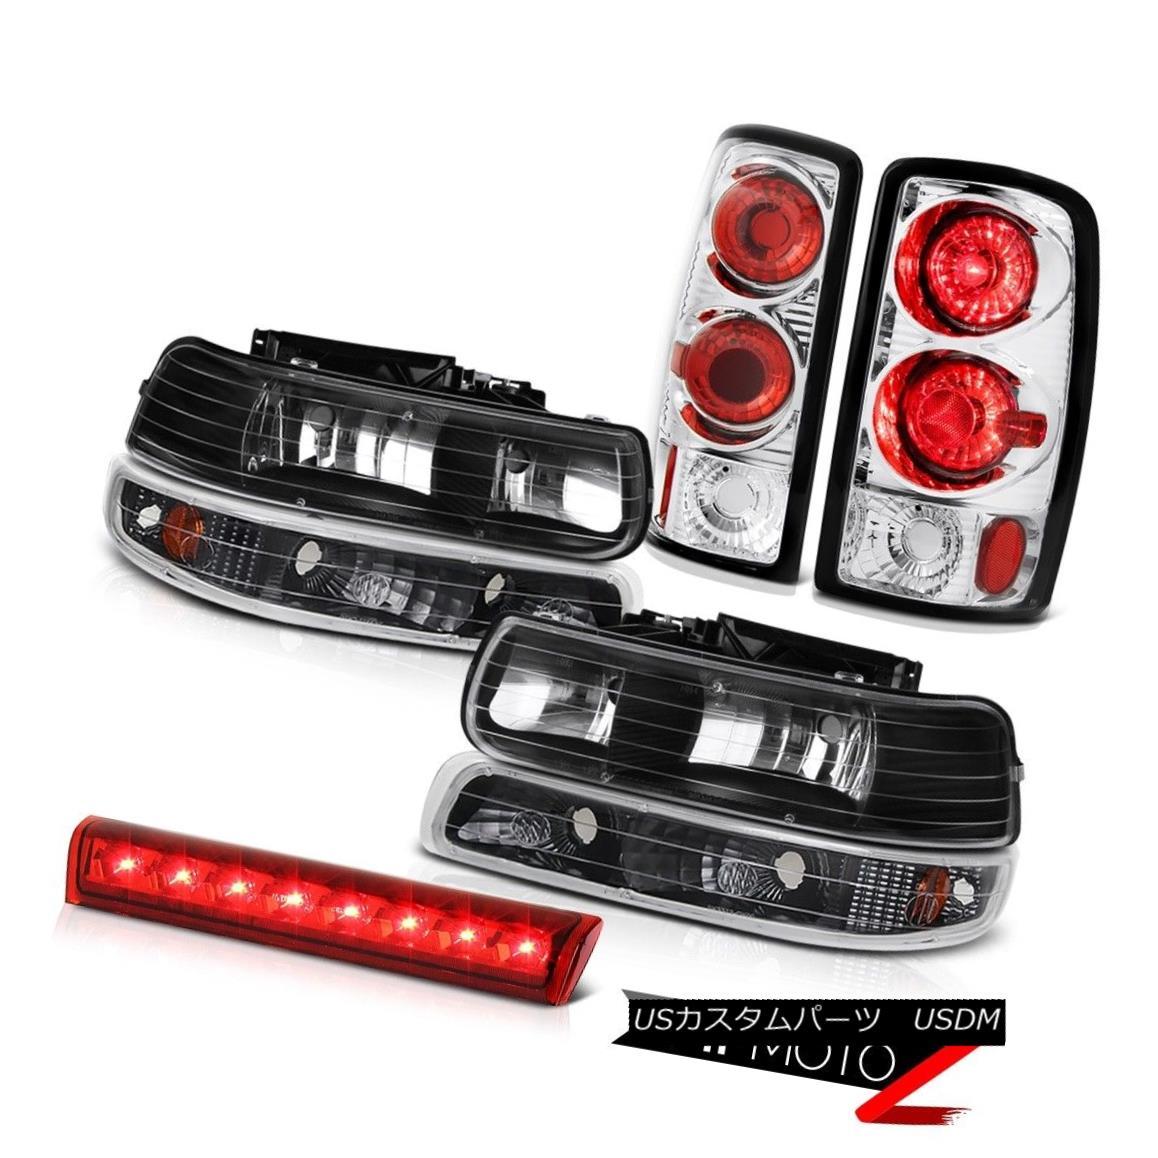 テールライト Infinity Black Headlight Parking Reverse Brake lamp Cargo 2000-2006 Suburban LS インフィニティブラックヘッドライトパーキングリバースブレーキランプカーゴ2000-2006郊外LS